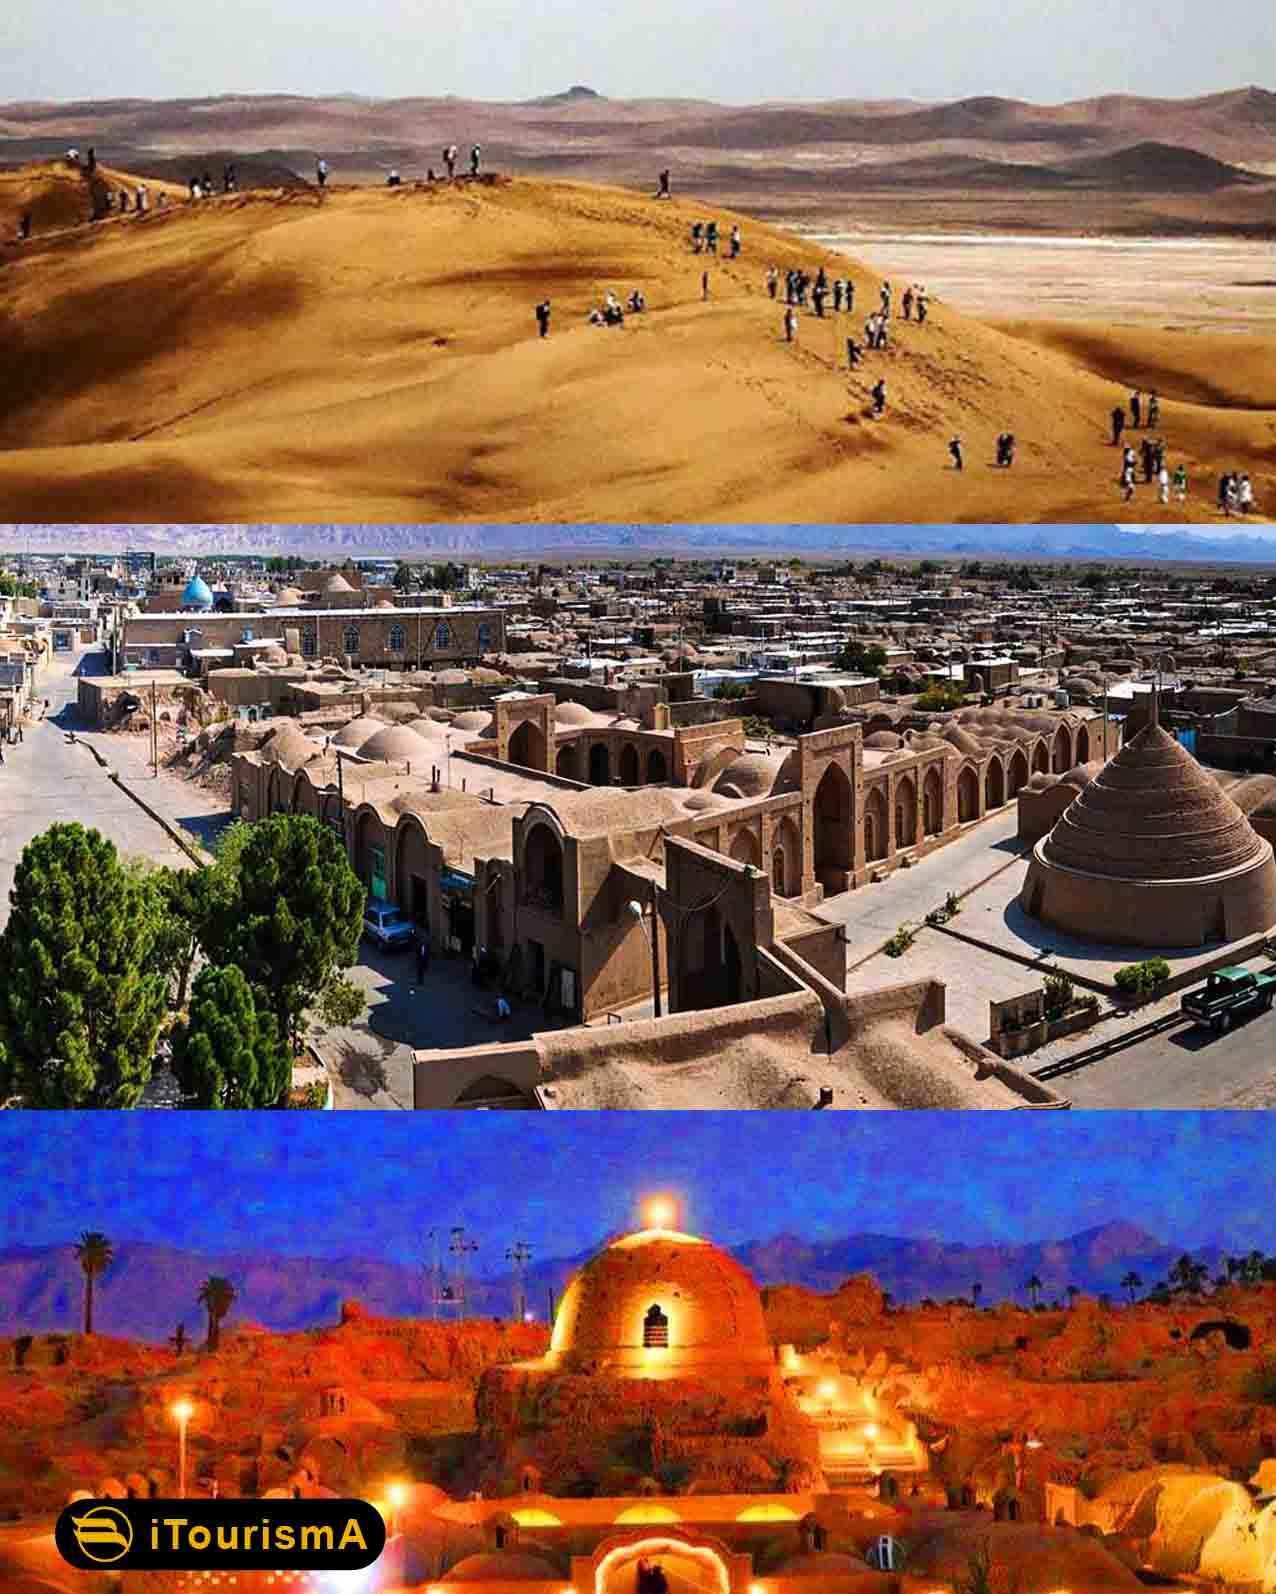 سرایان، یکی از شهرستان های واقع در استان خراسان جنوبی